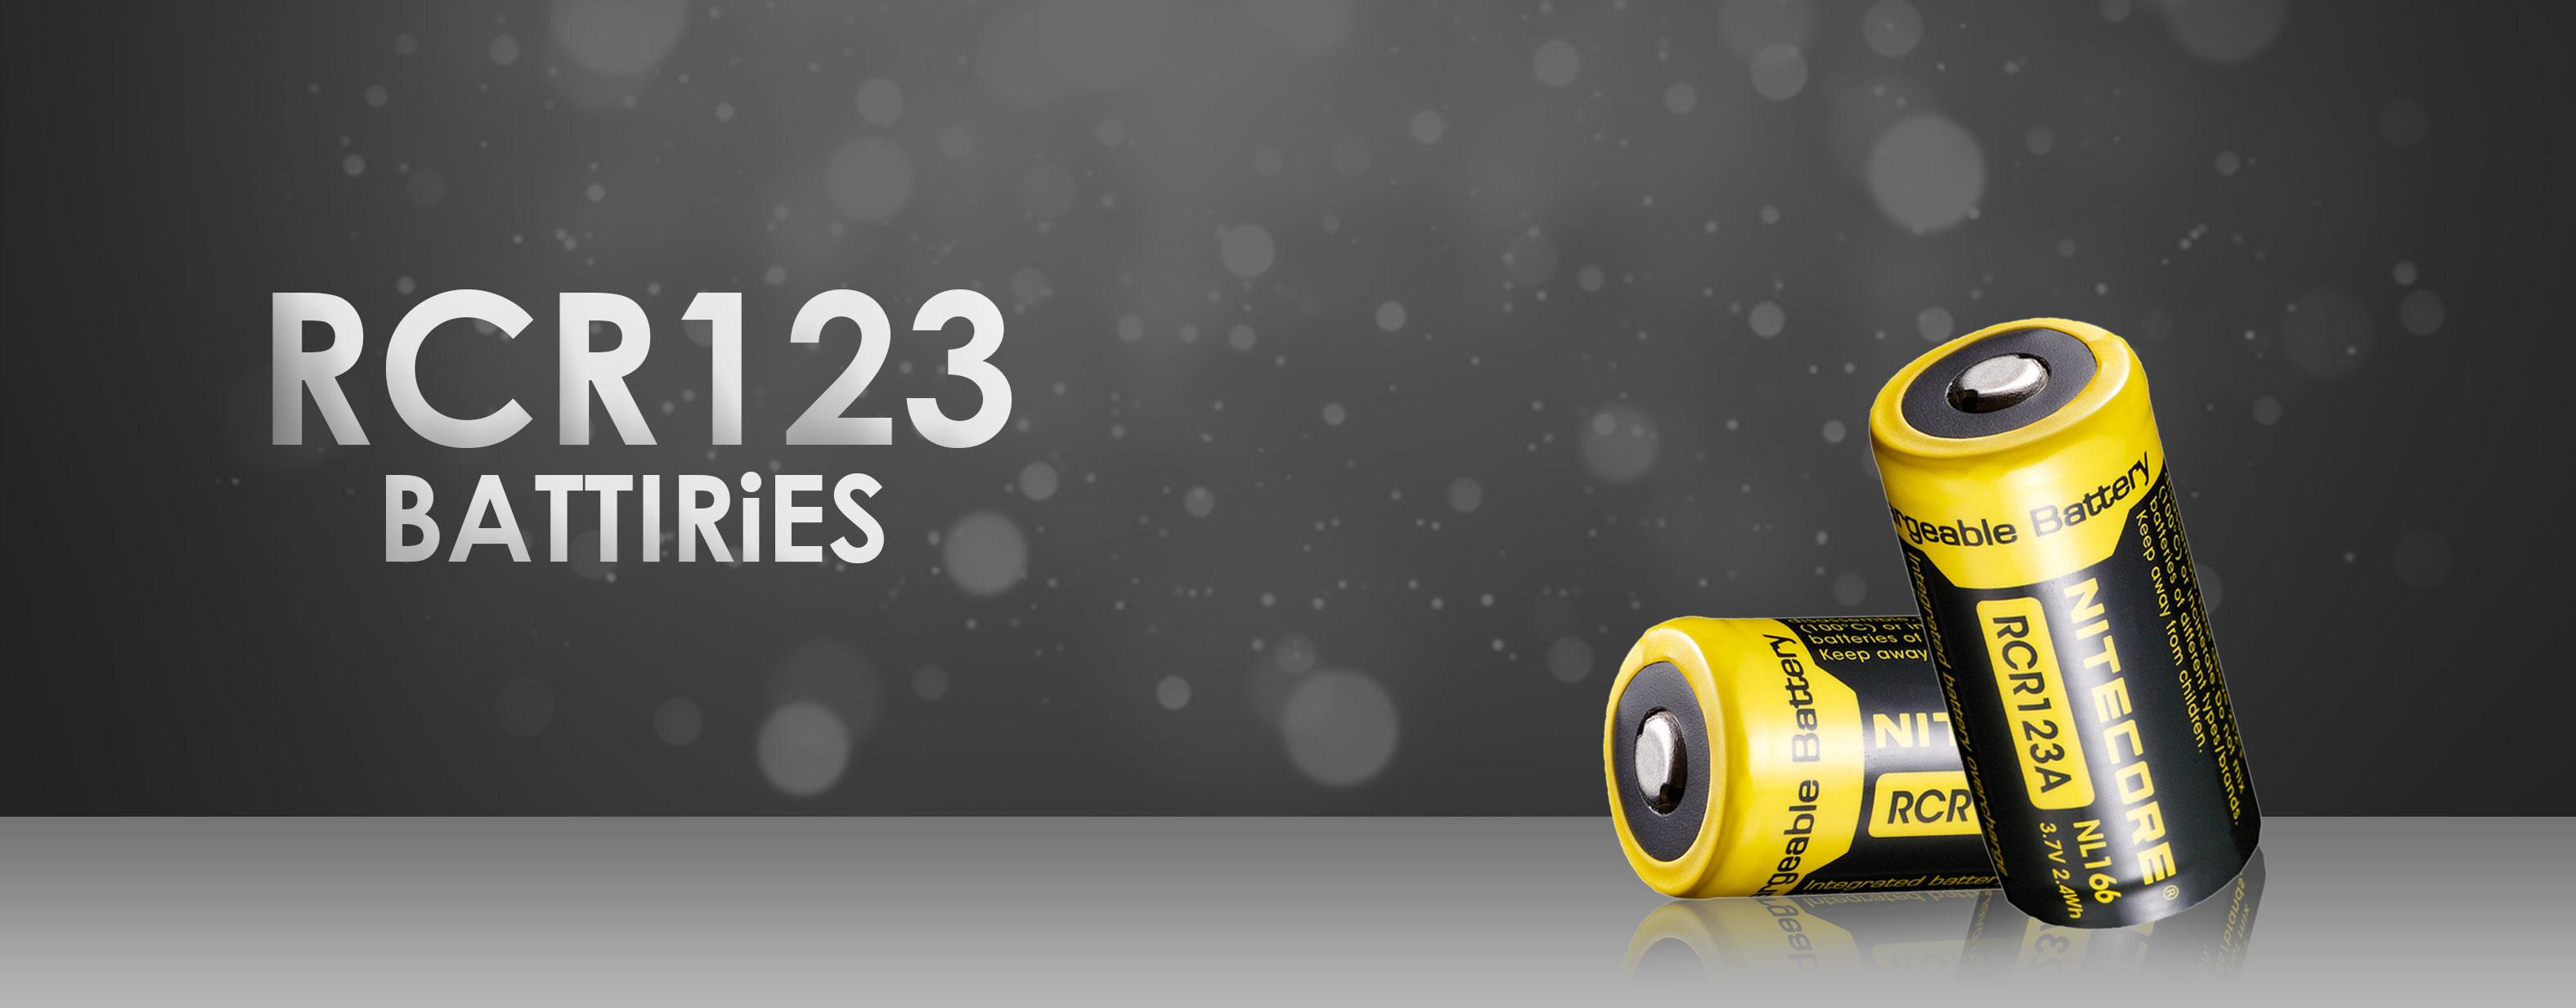 RCR123 Batteries